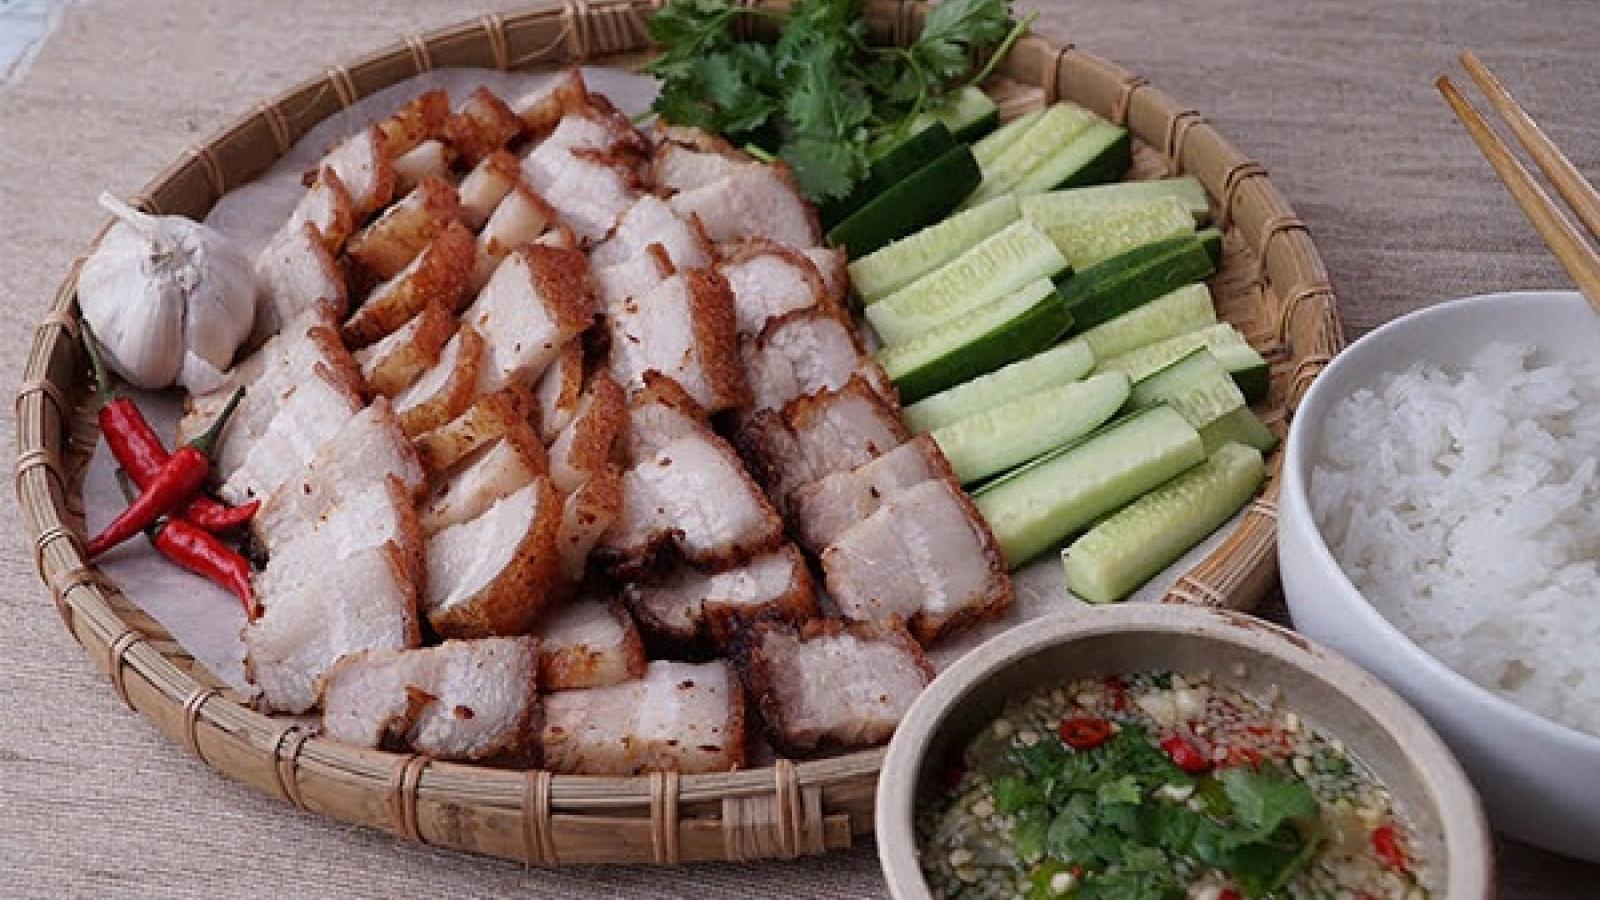 Hướng dẫn làm thịt chiên giòn kiểu Thái cùng nước chấm ngon đậm đà